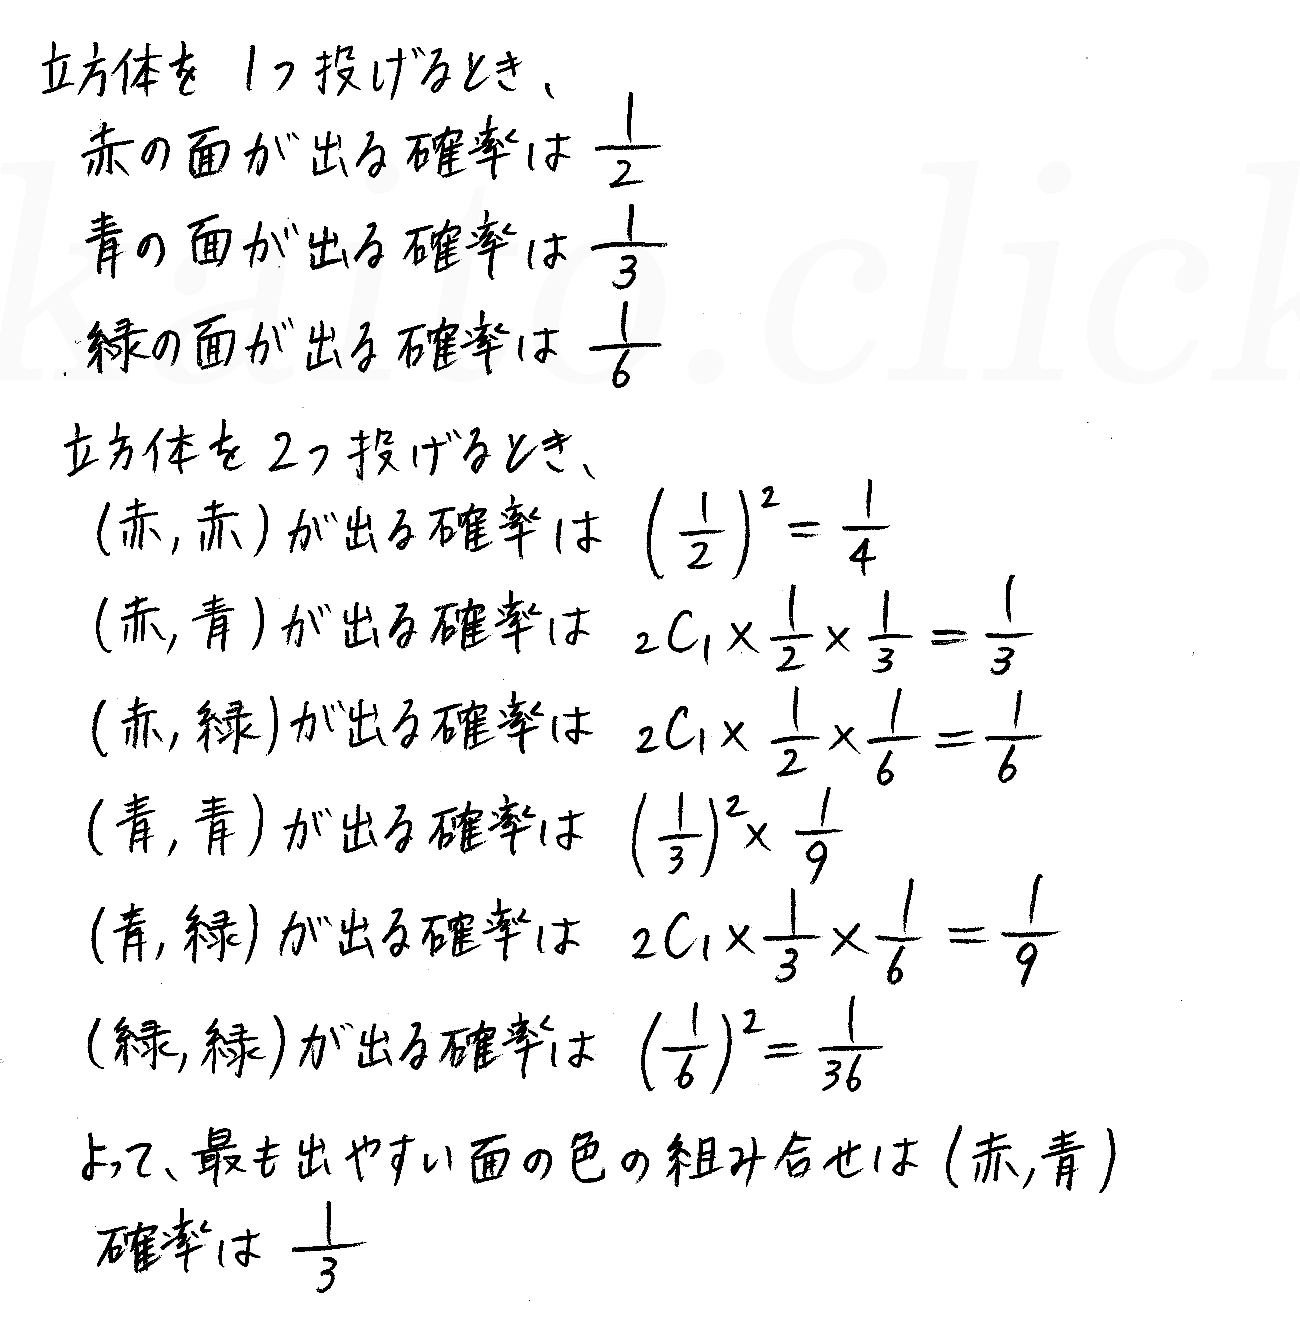 クリアー数学A-318解答